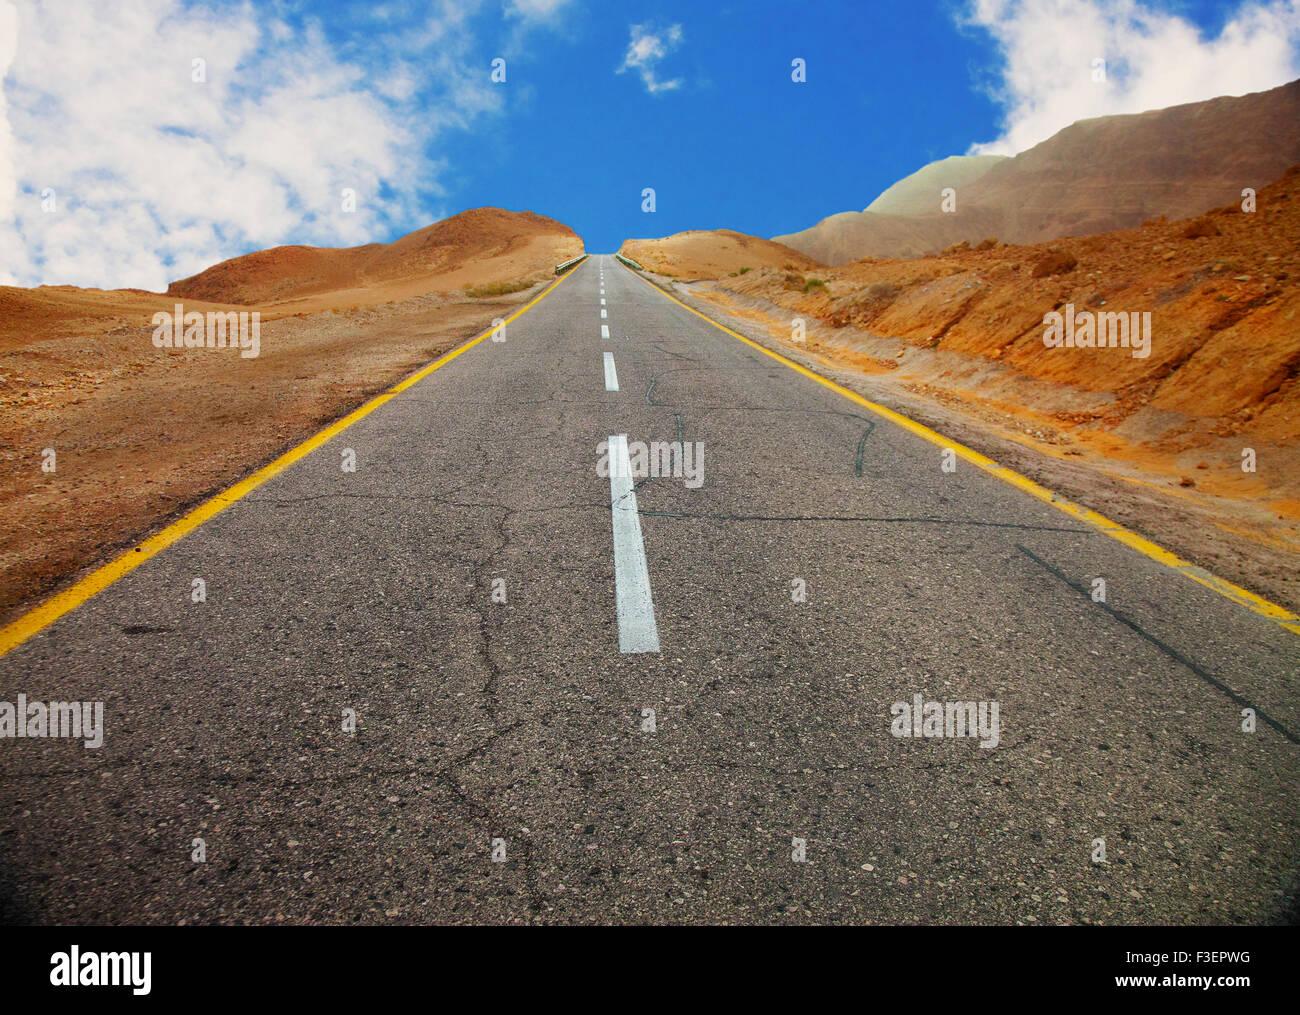 Un fragmento de la vieja carretera de asfalto entre colinas desérticas antes del atardecer (con efecto de vignette) Imagen De Stock